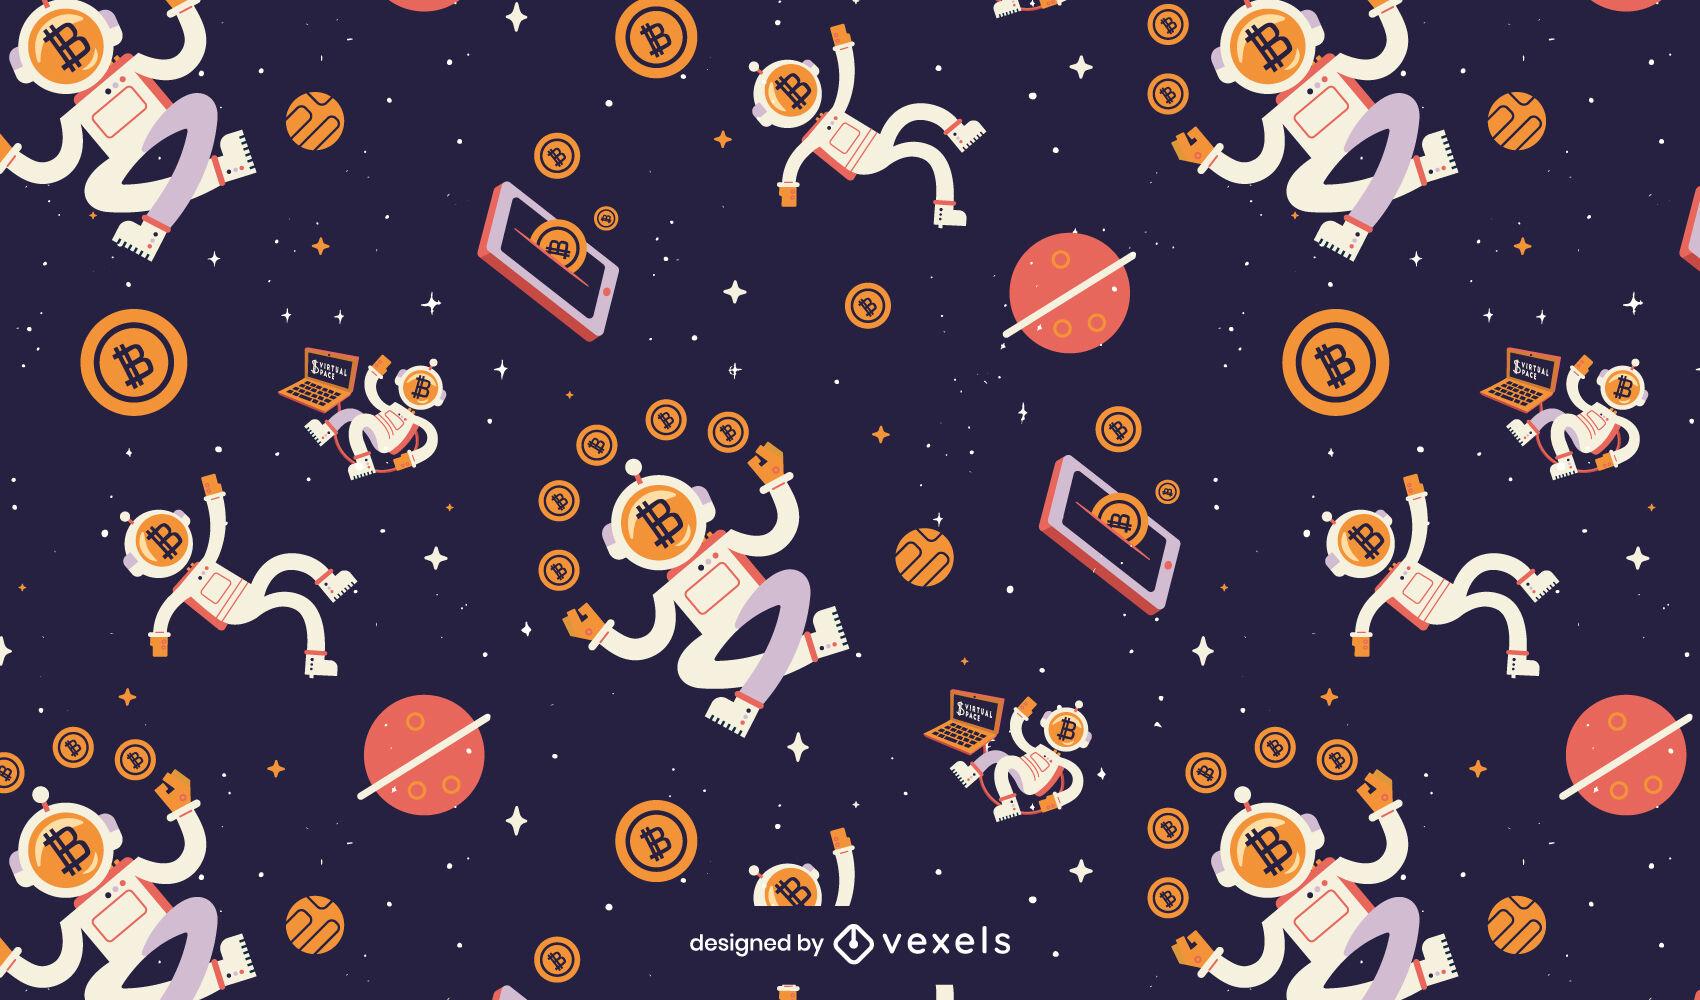 Patrón espacial de bitcoins